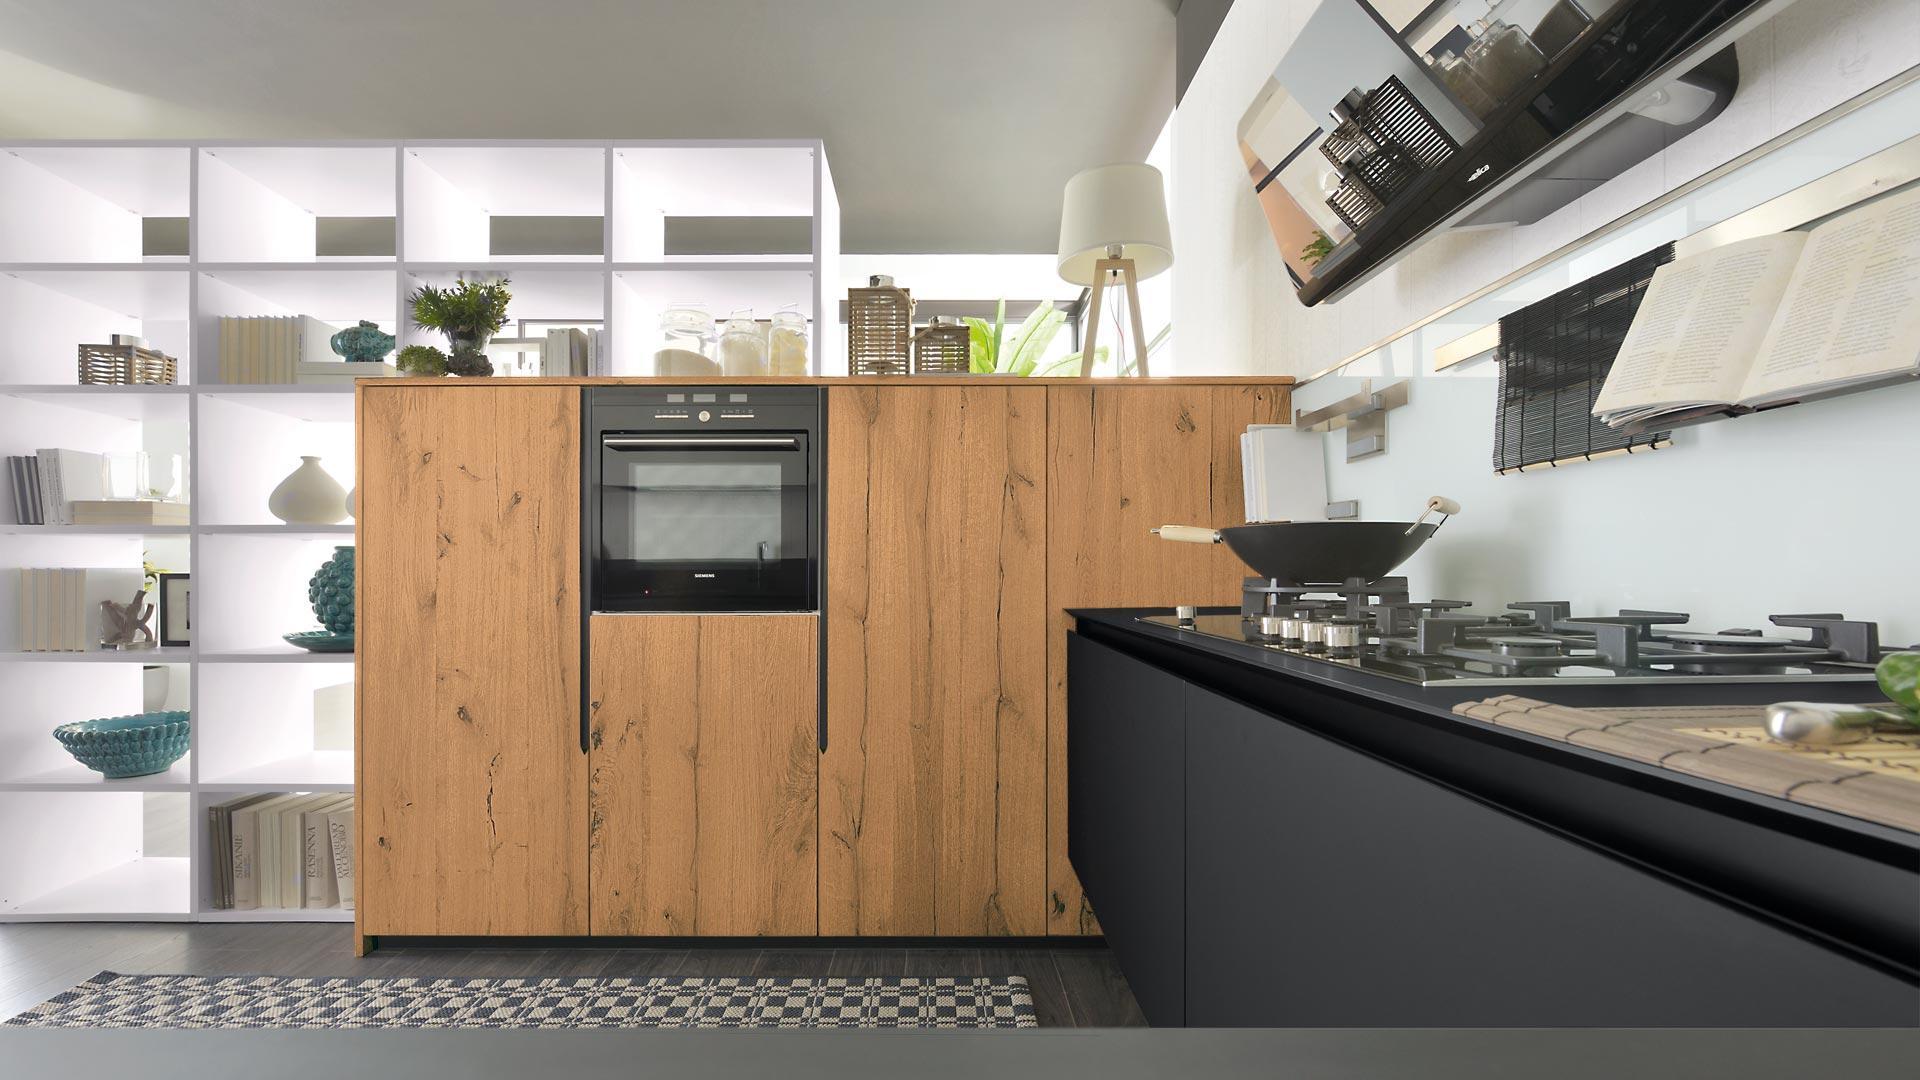 cucina moderna lube oltre nardò e lecce